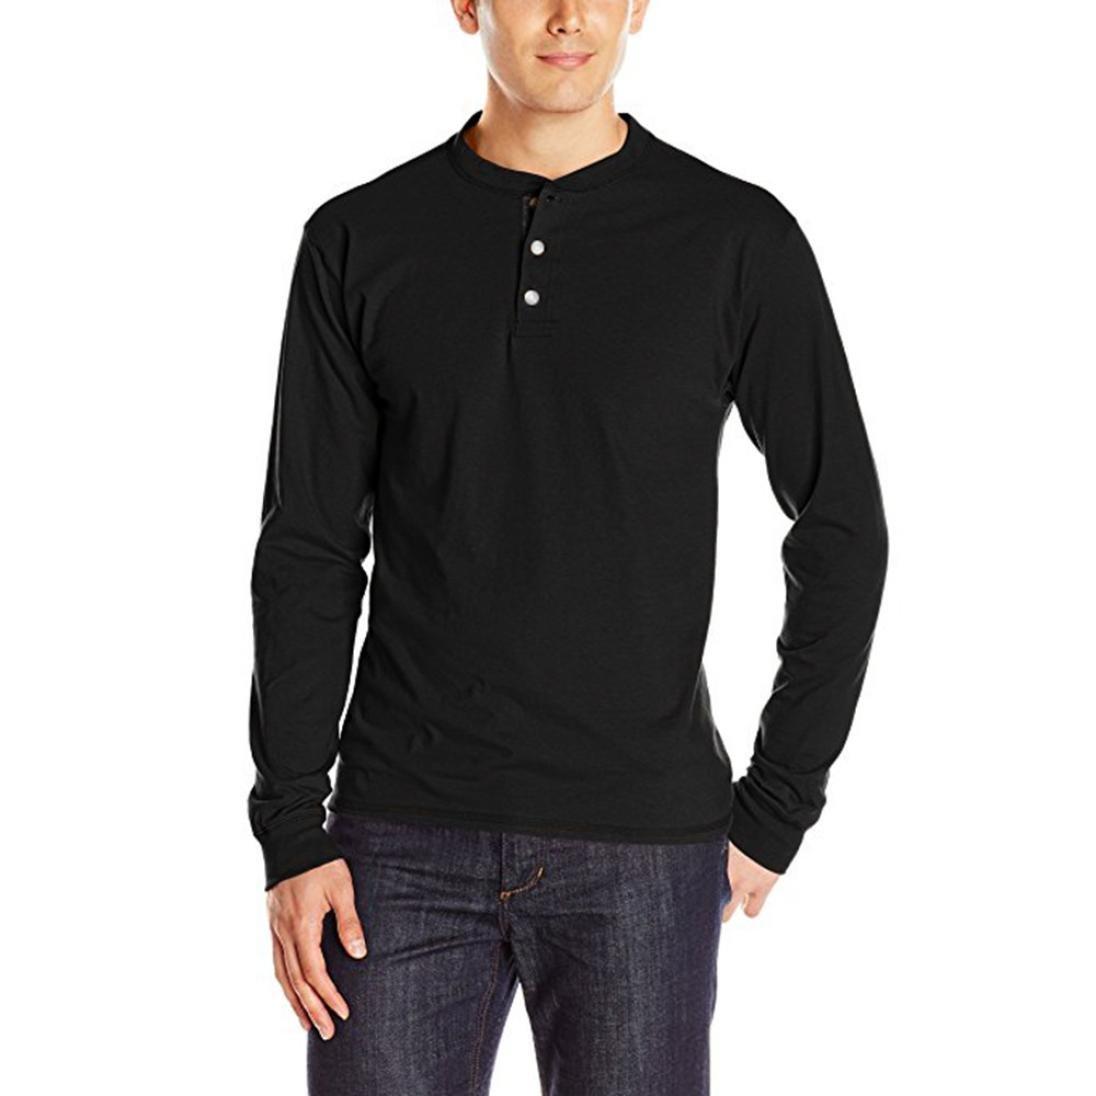 Lelili-Shirt SHIRT メンズ B078X3L14N XL|ブラック ブラック XL